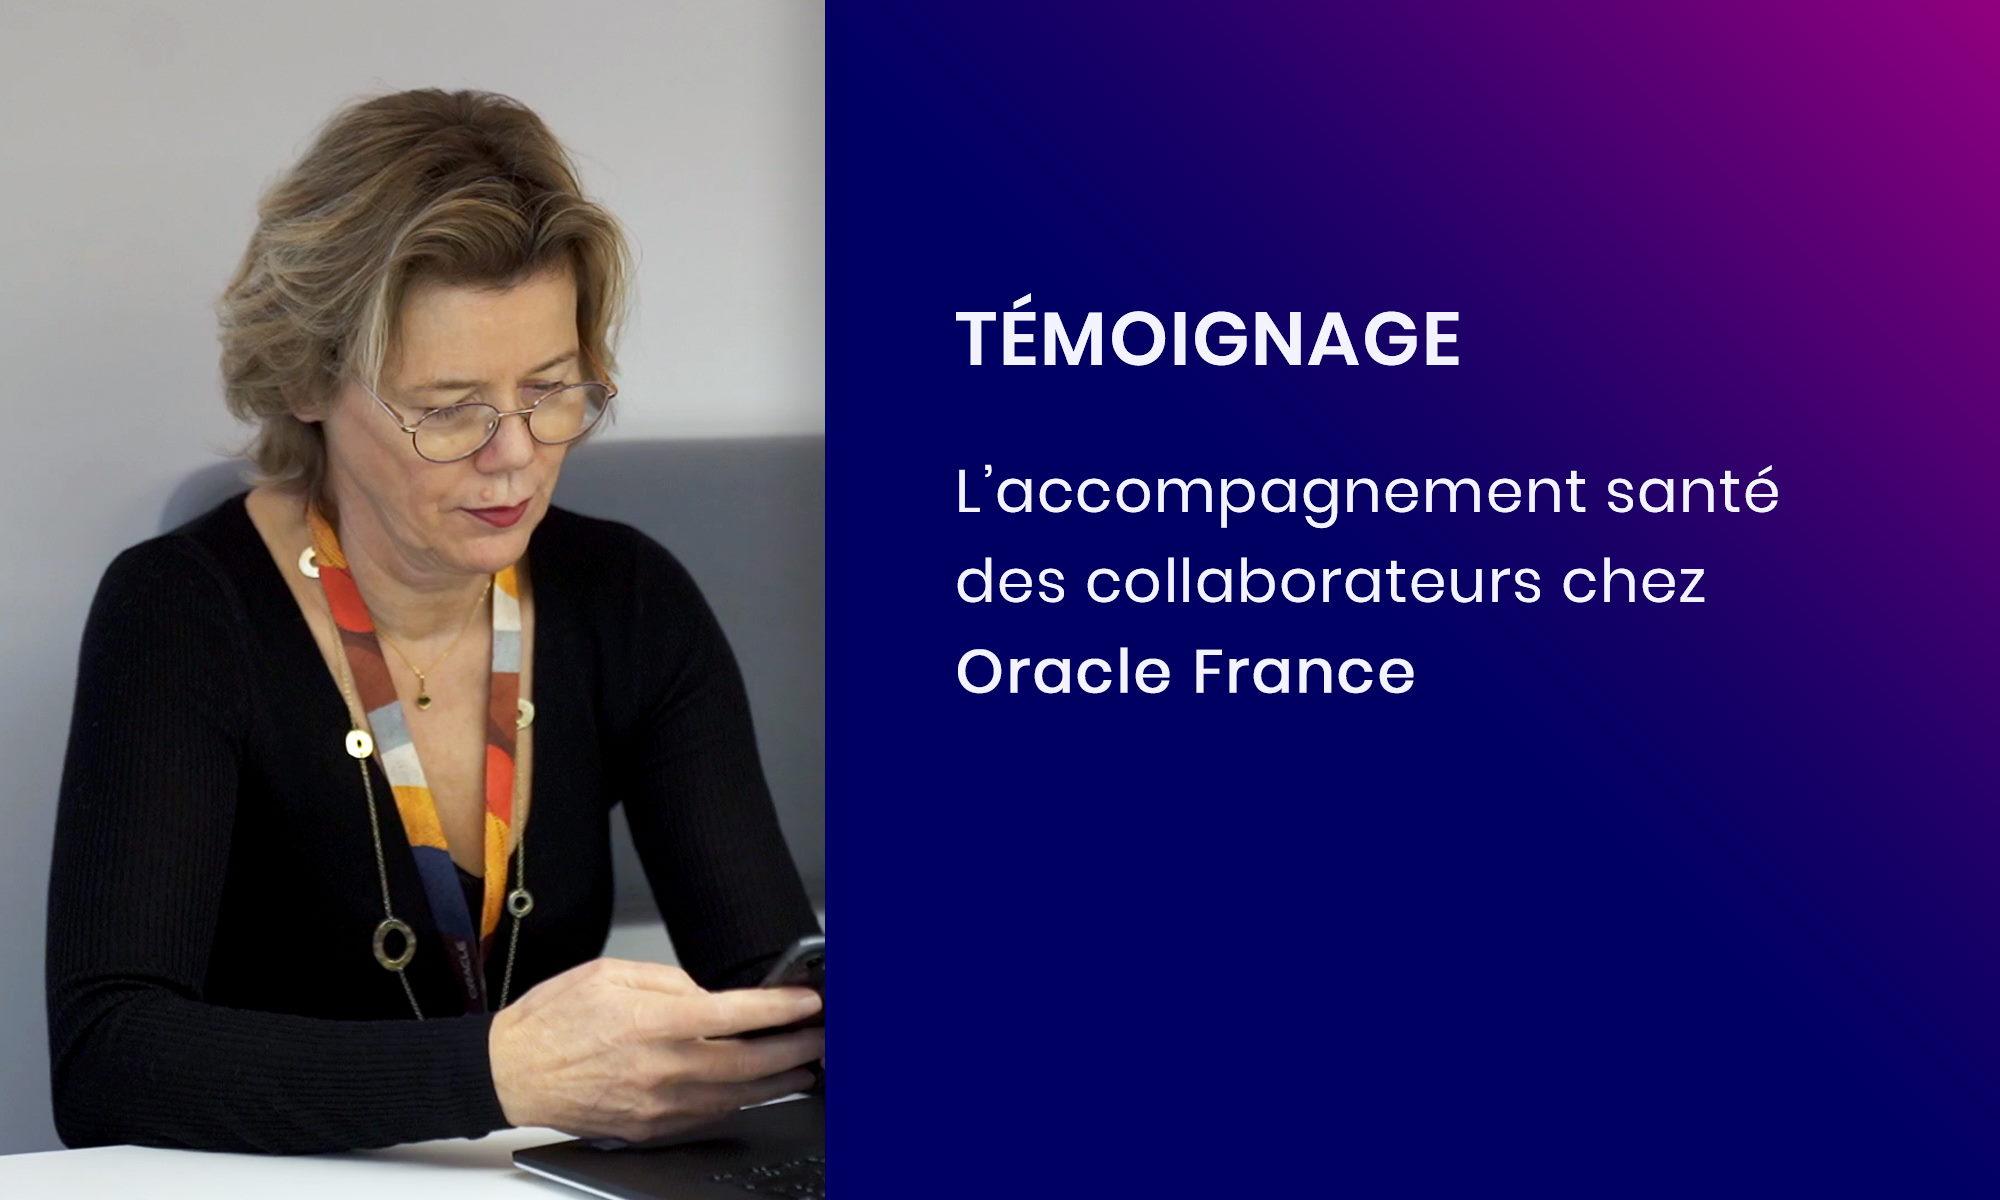 Témoignage : L'accompagnement santé Concilio pour Oracle France